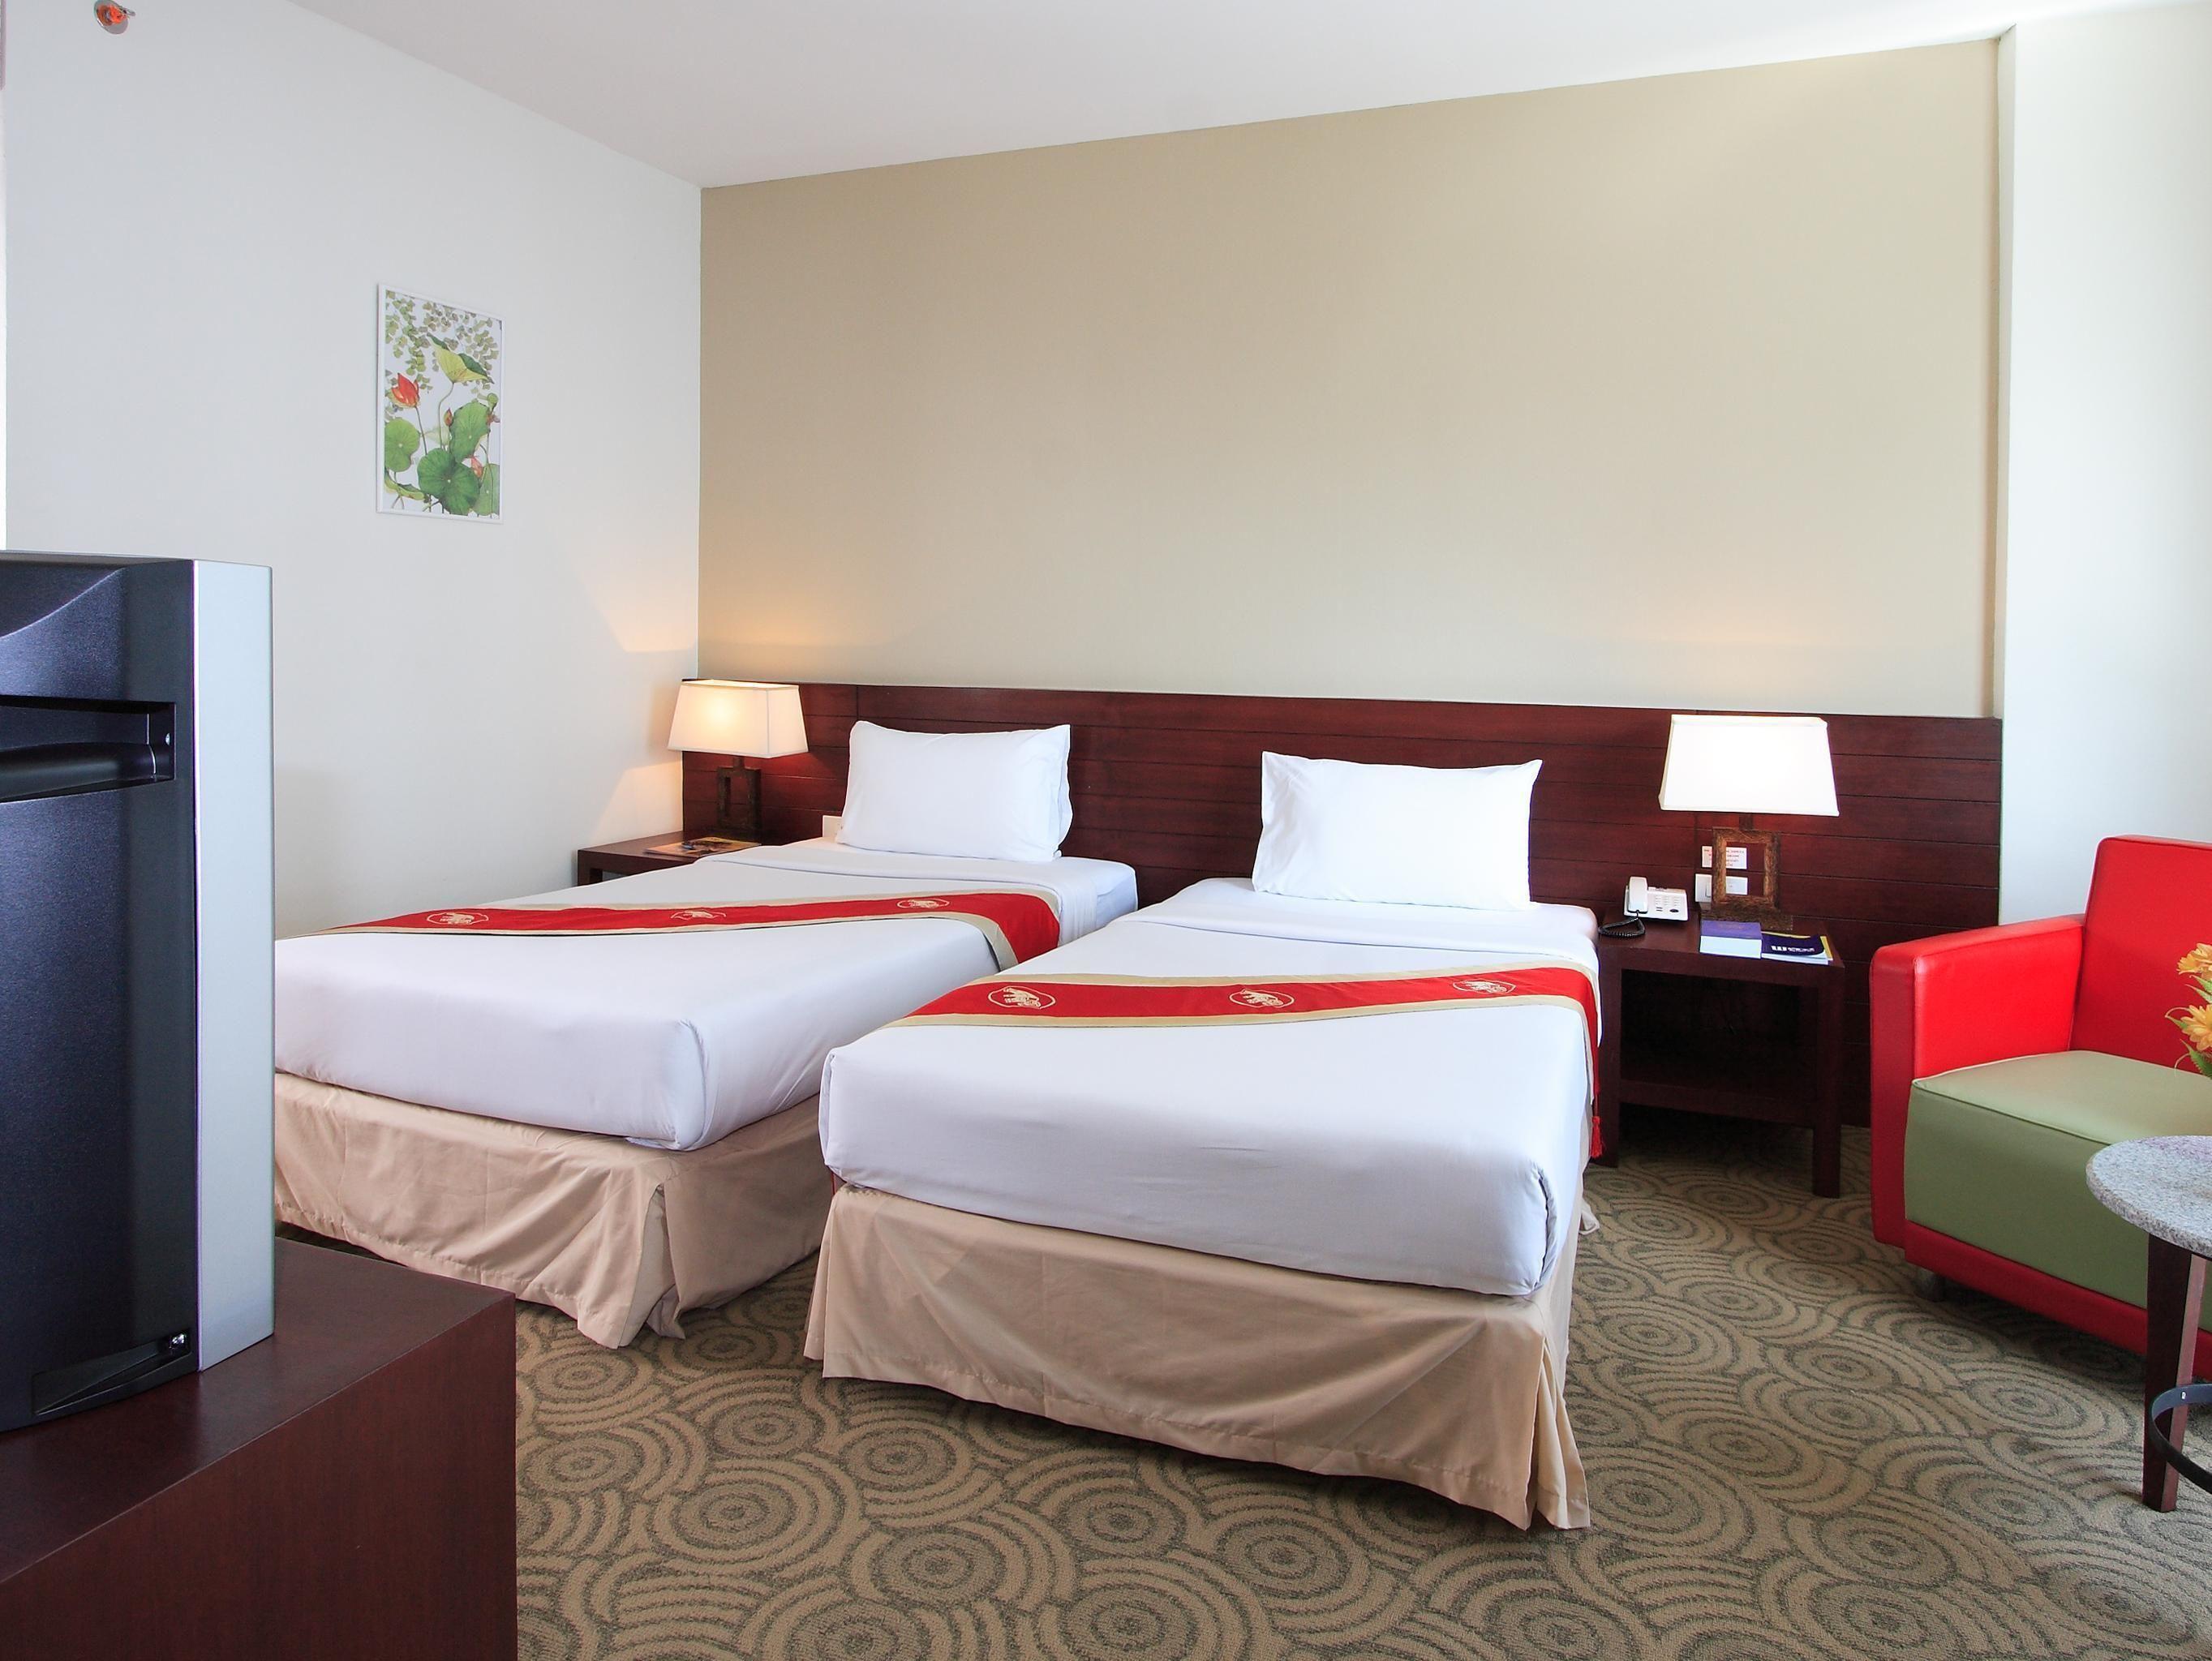 Golden Crown Grand Hotel Hat Yai, Thailand